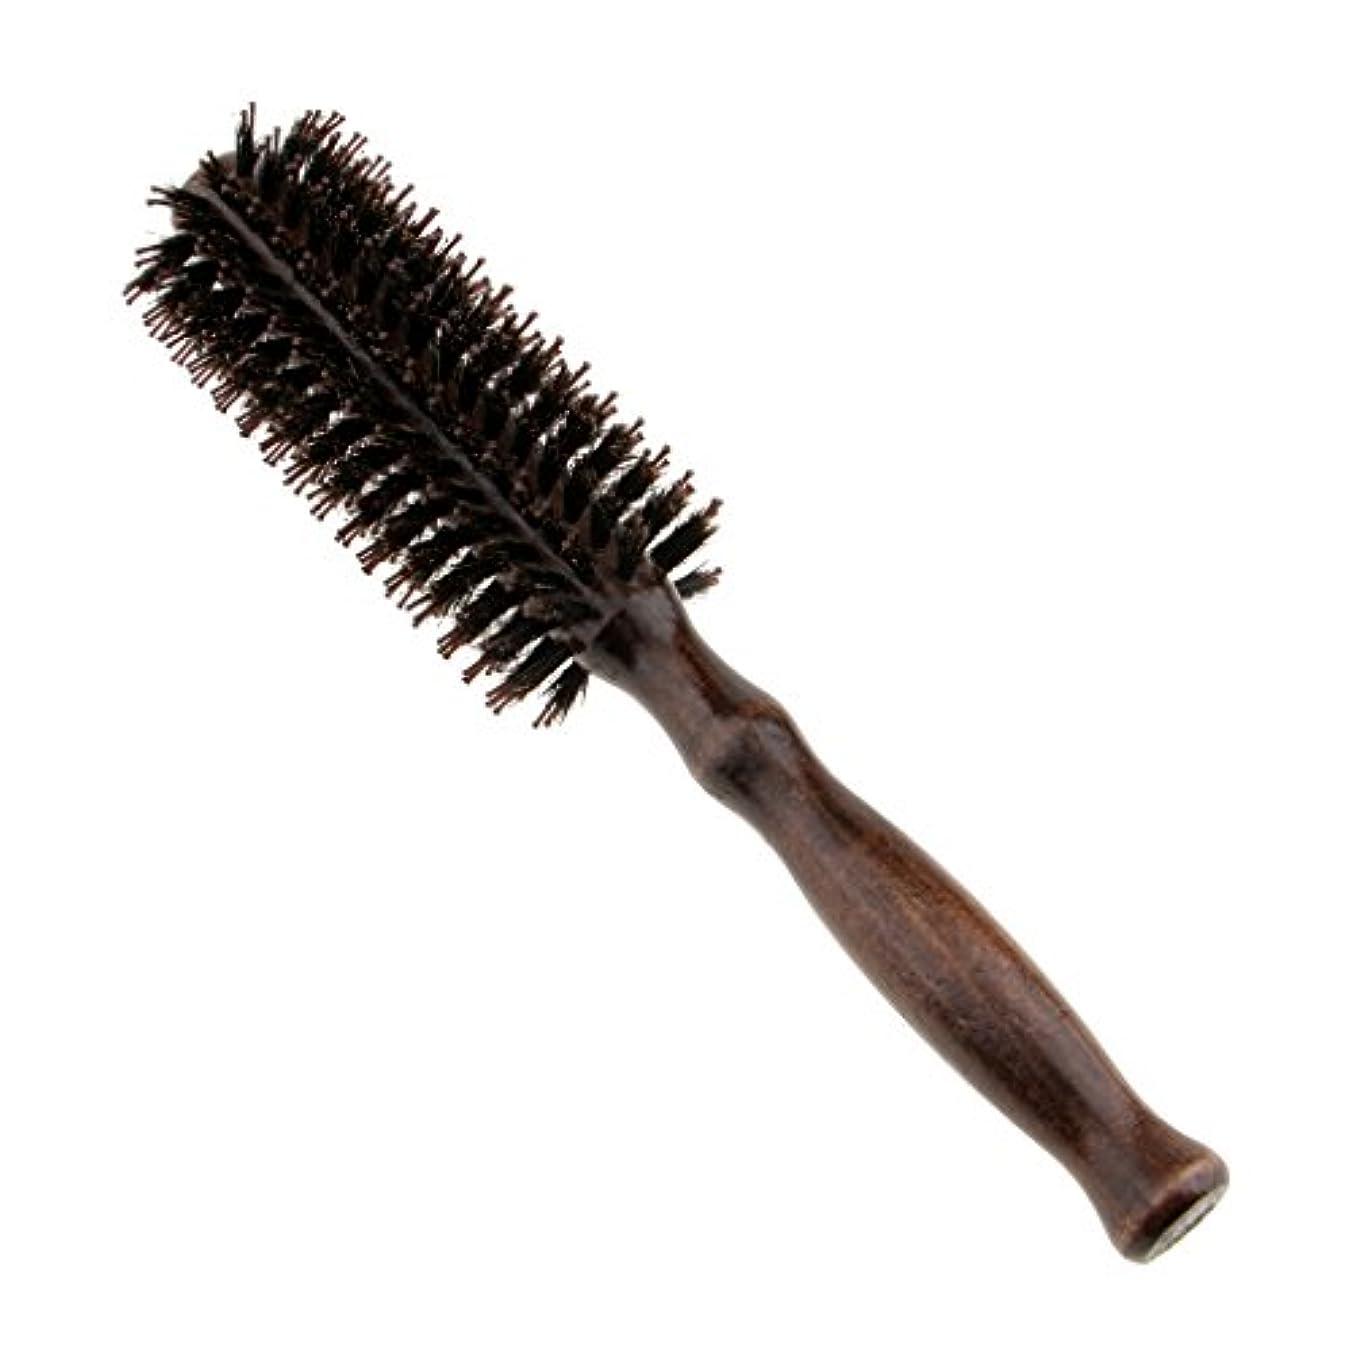 報復する幻想的知的ラウンドウッドのハンドルヘアブラシの理髪美容カールヘアブラシのブラシ - #1